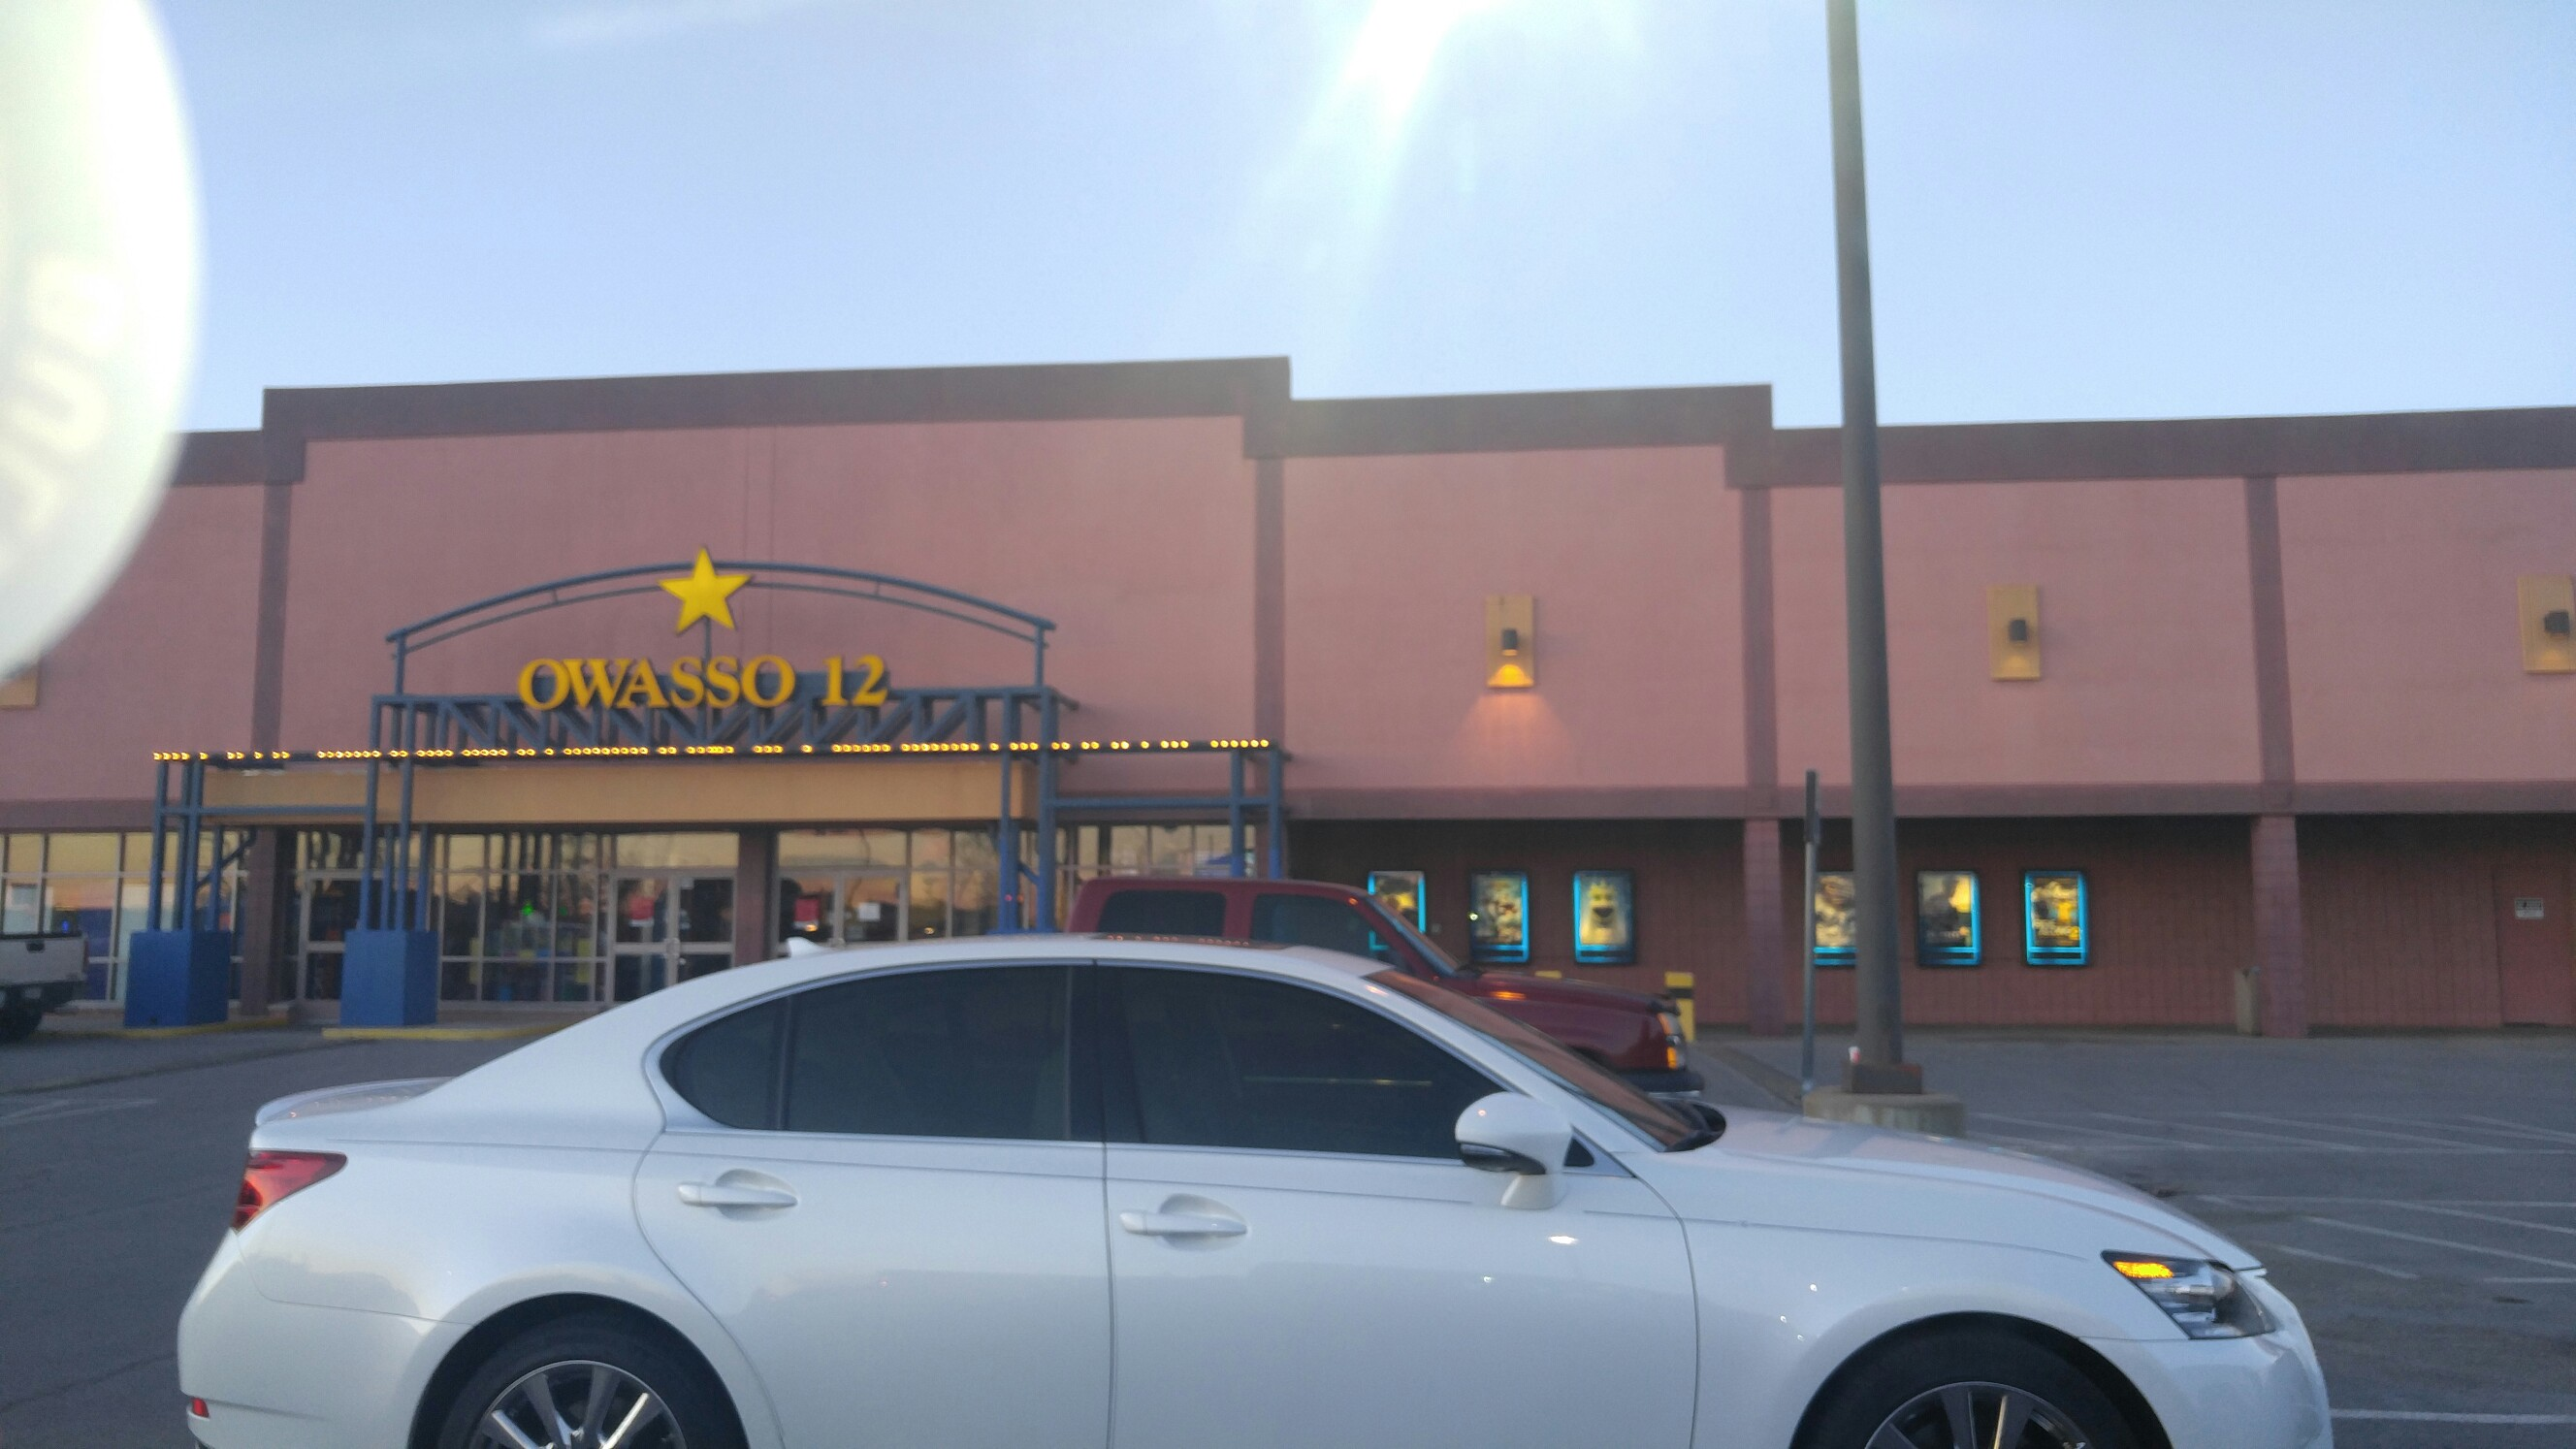 amc theaters 12601 e 86th st n owasso ok 74055 ypcom